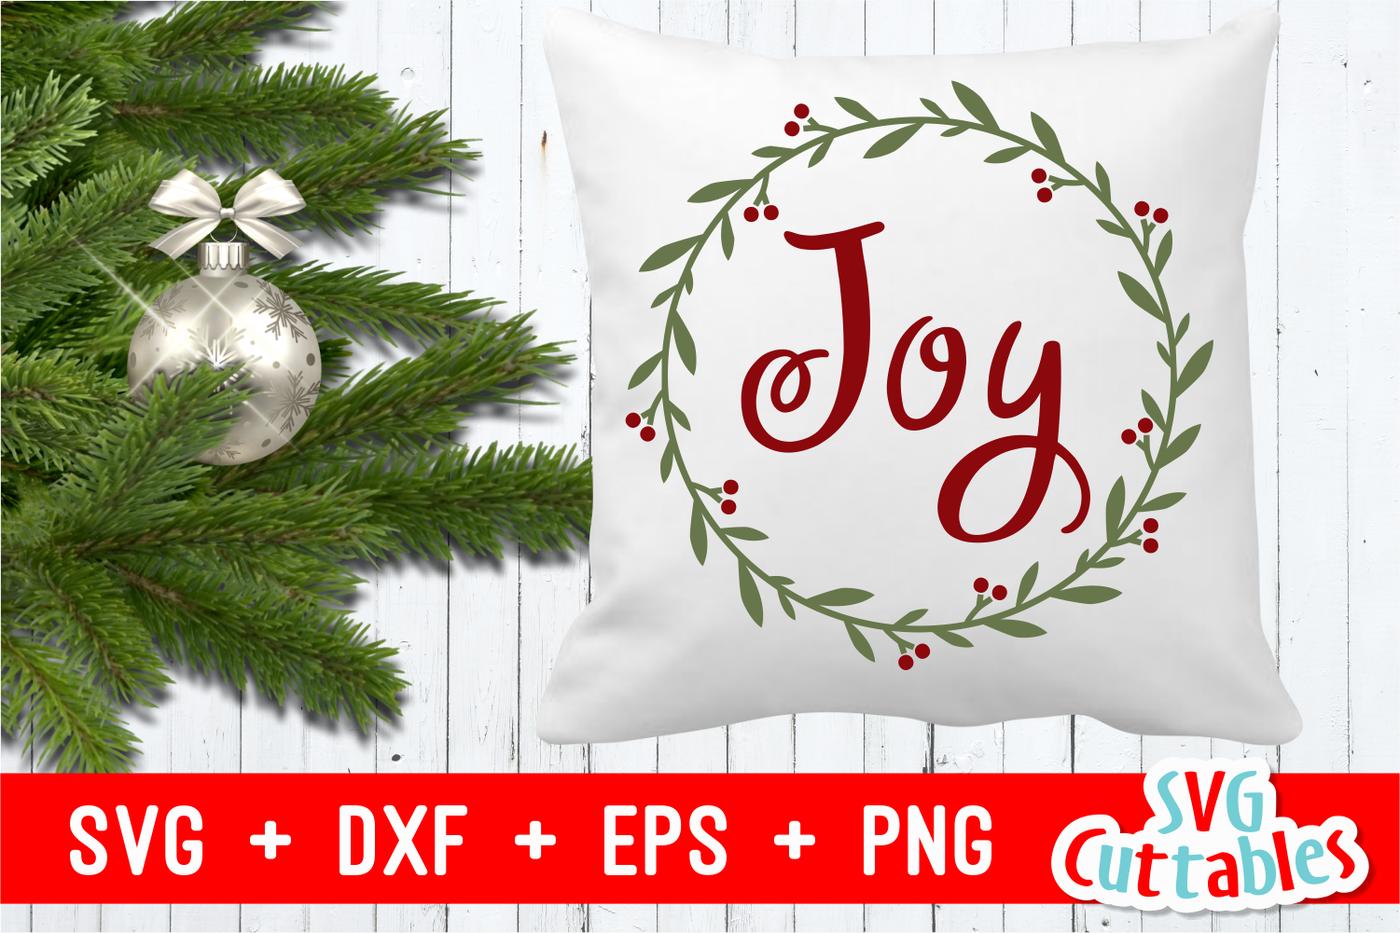 Joy Wreath Christmas Cut File By Svg Cuttables Thehungryjpeg Com